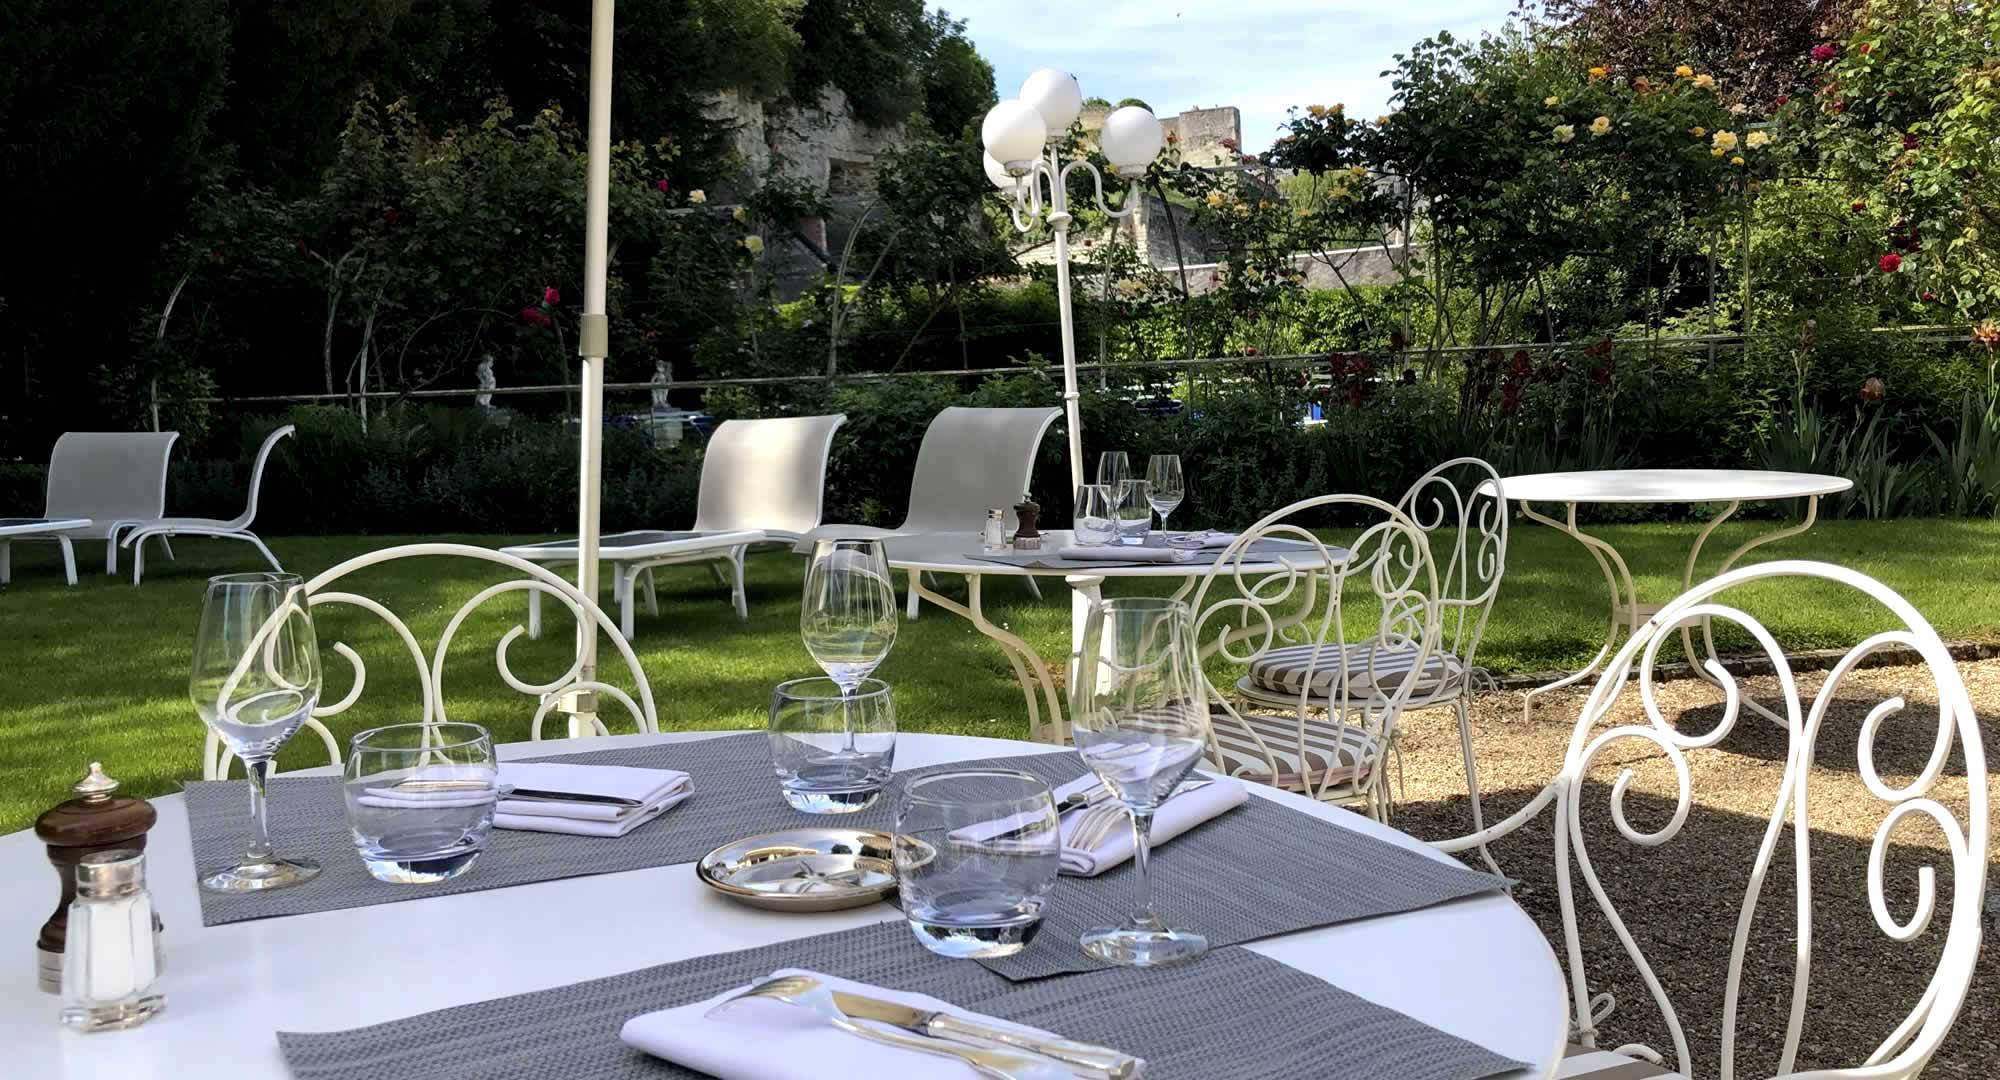 Déjeuner au jardin - Le Choiseul Amboise